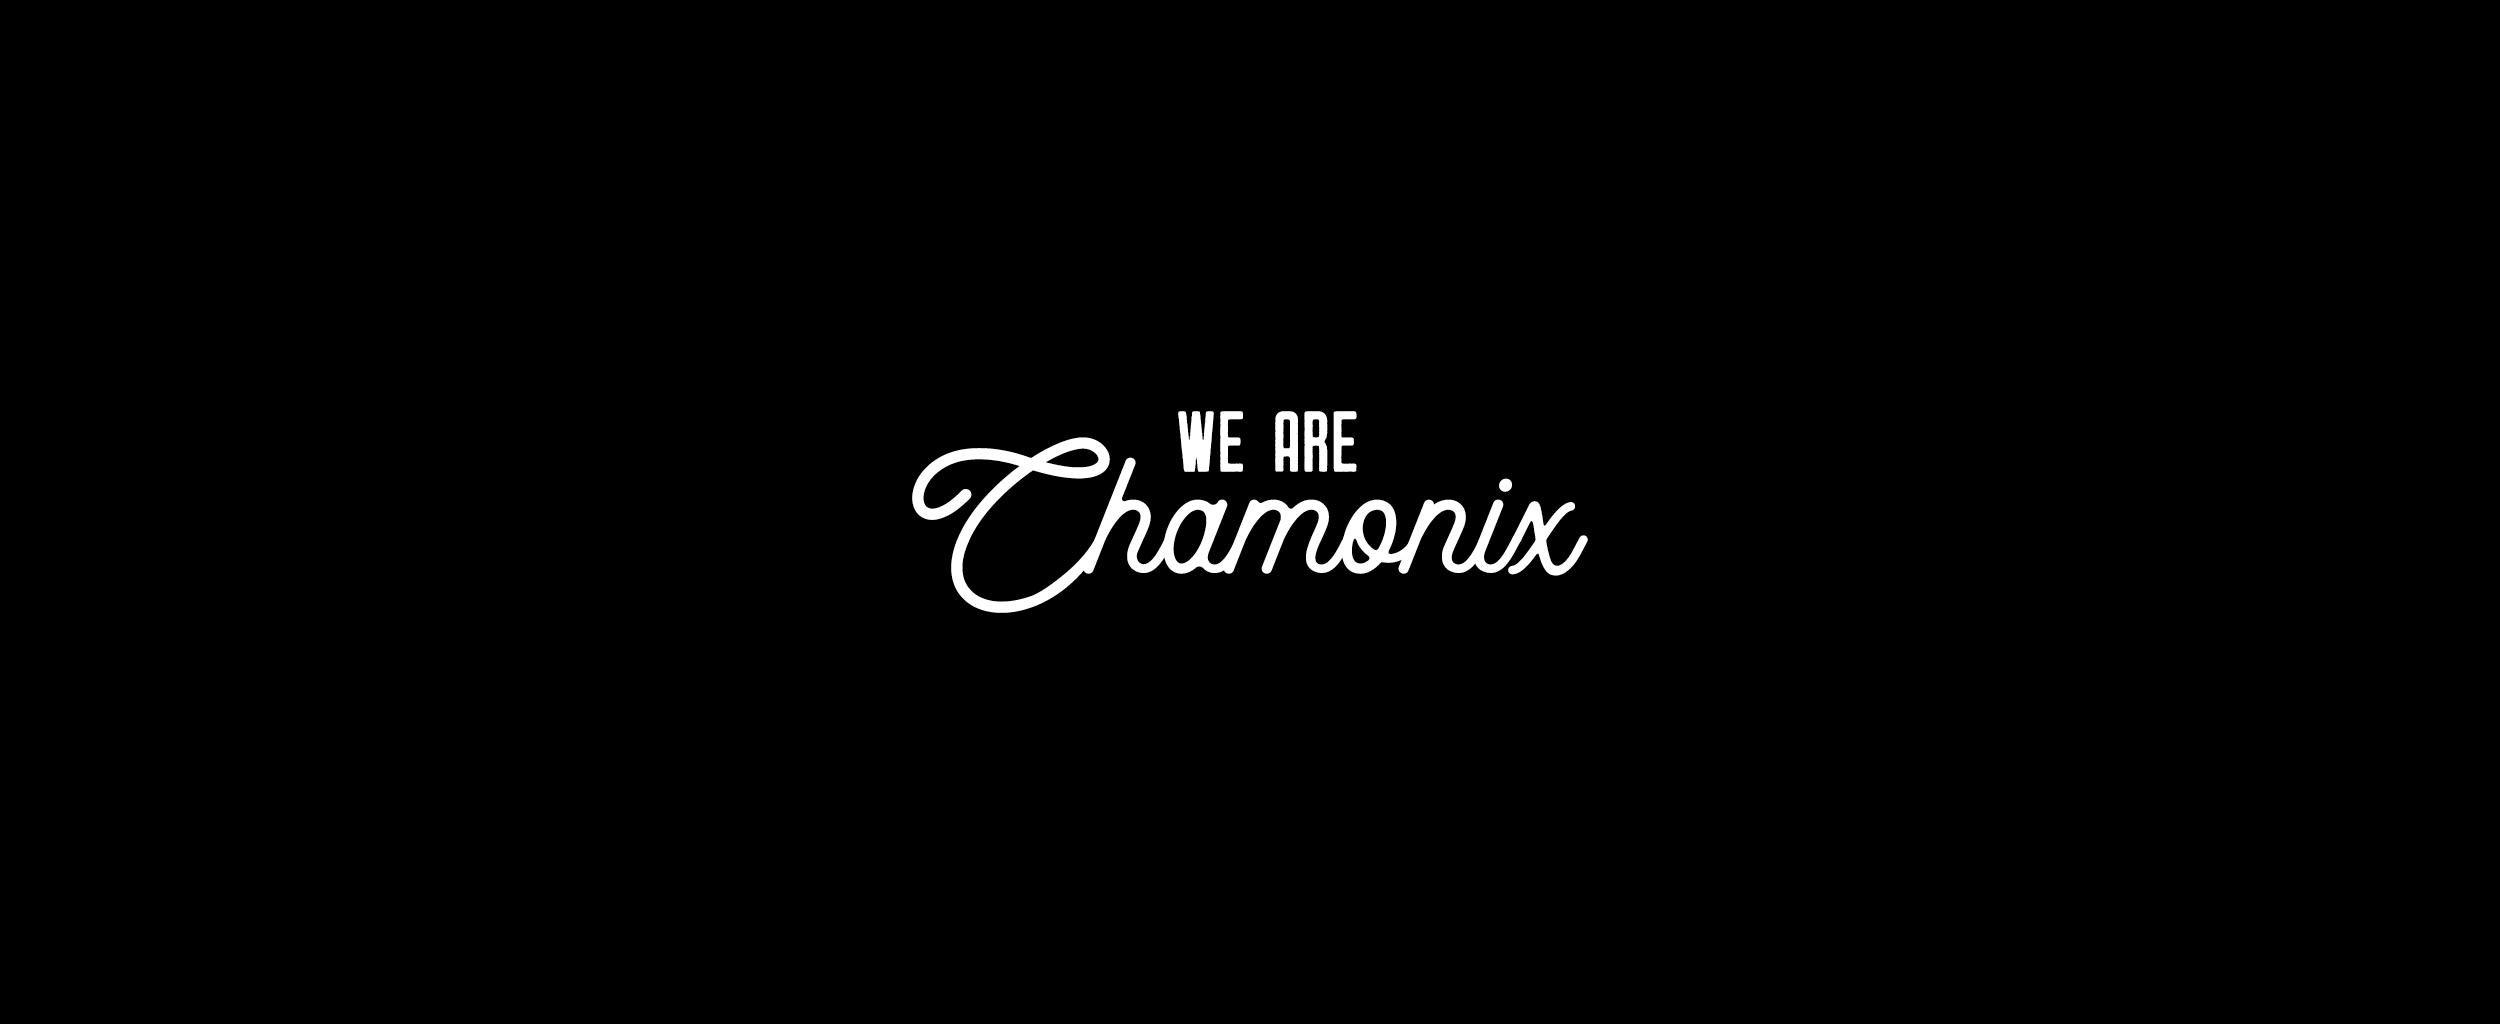 We_Are_Chamonix_BRANDING_03.png